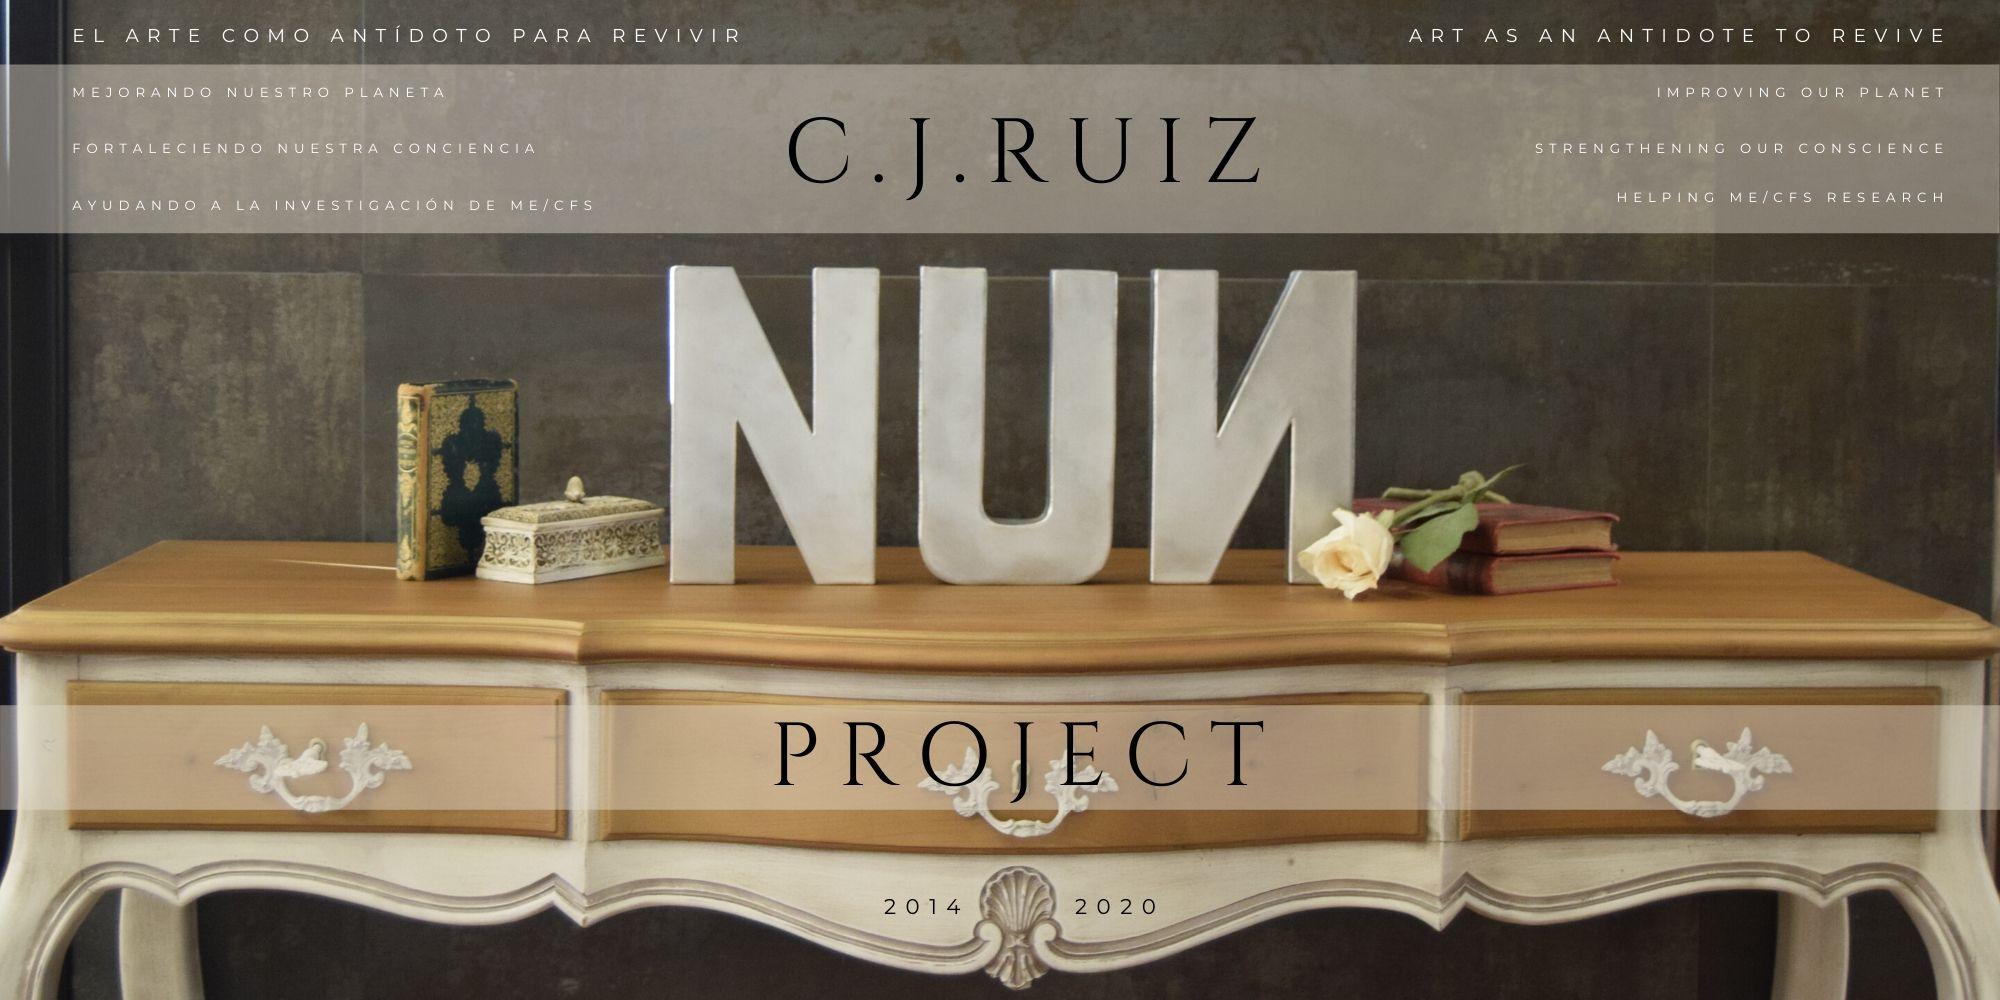 C.J. RUIZ